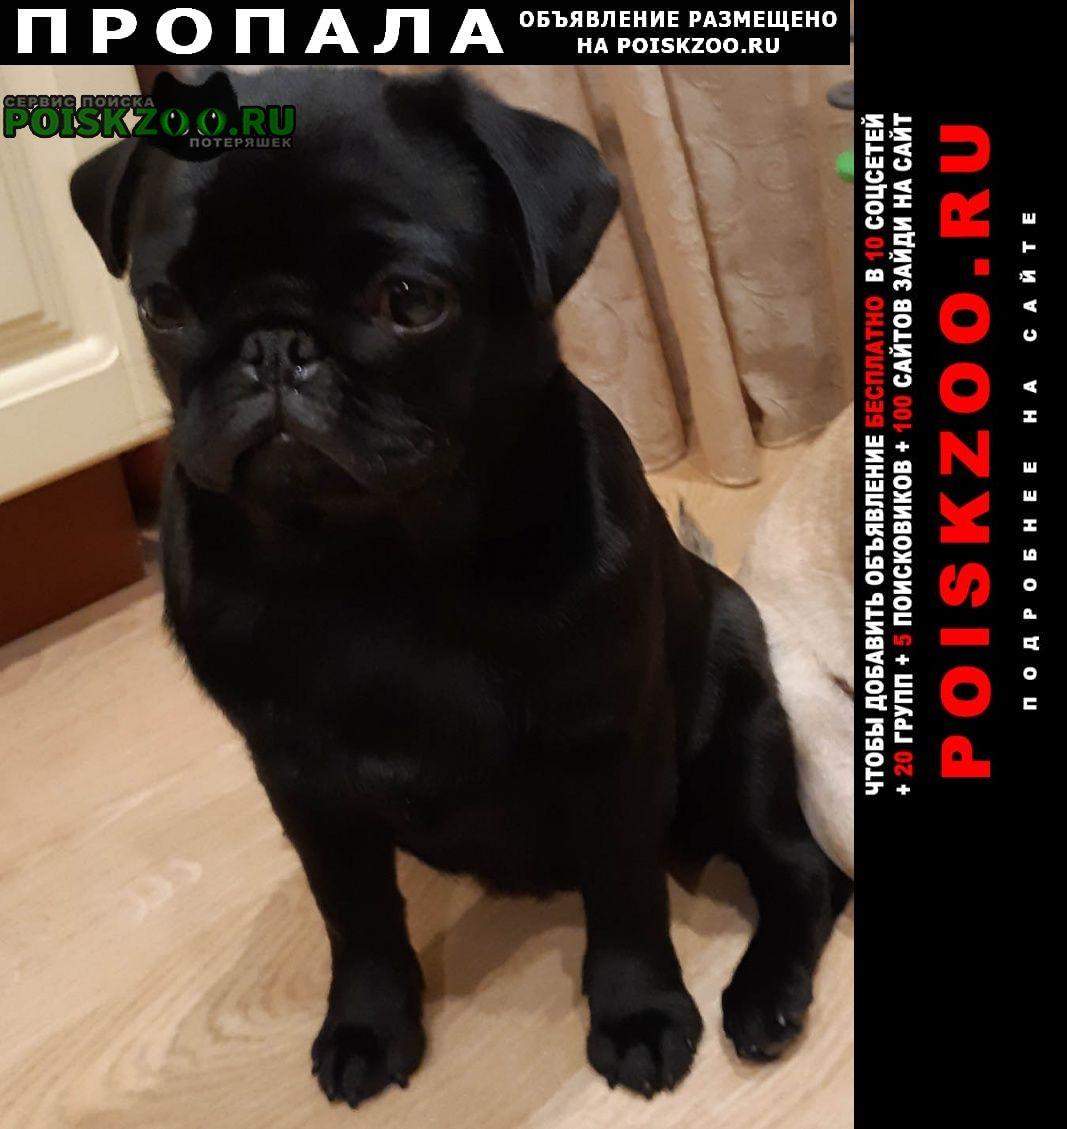 Люберцы Пропала собака мопс цвет черный